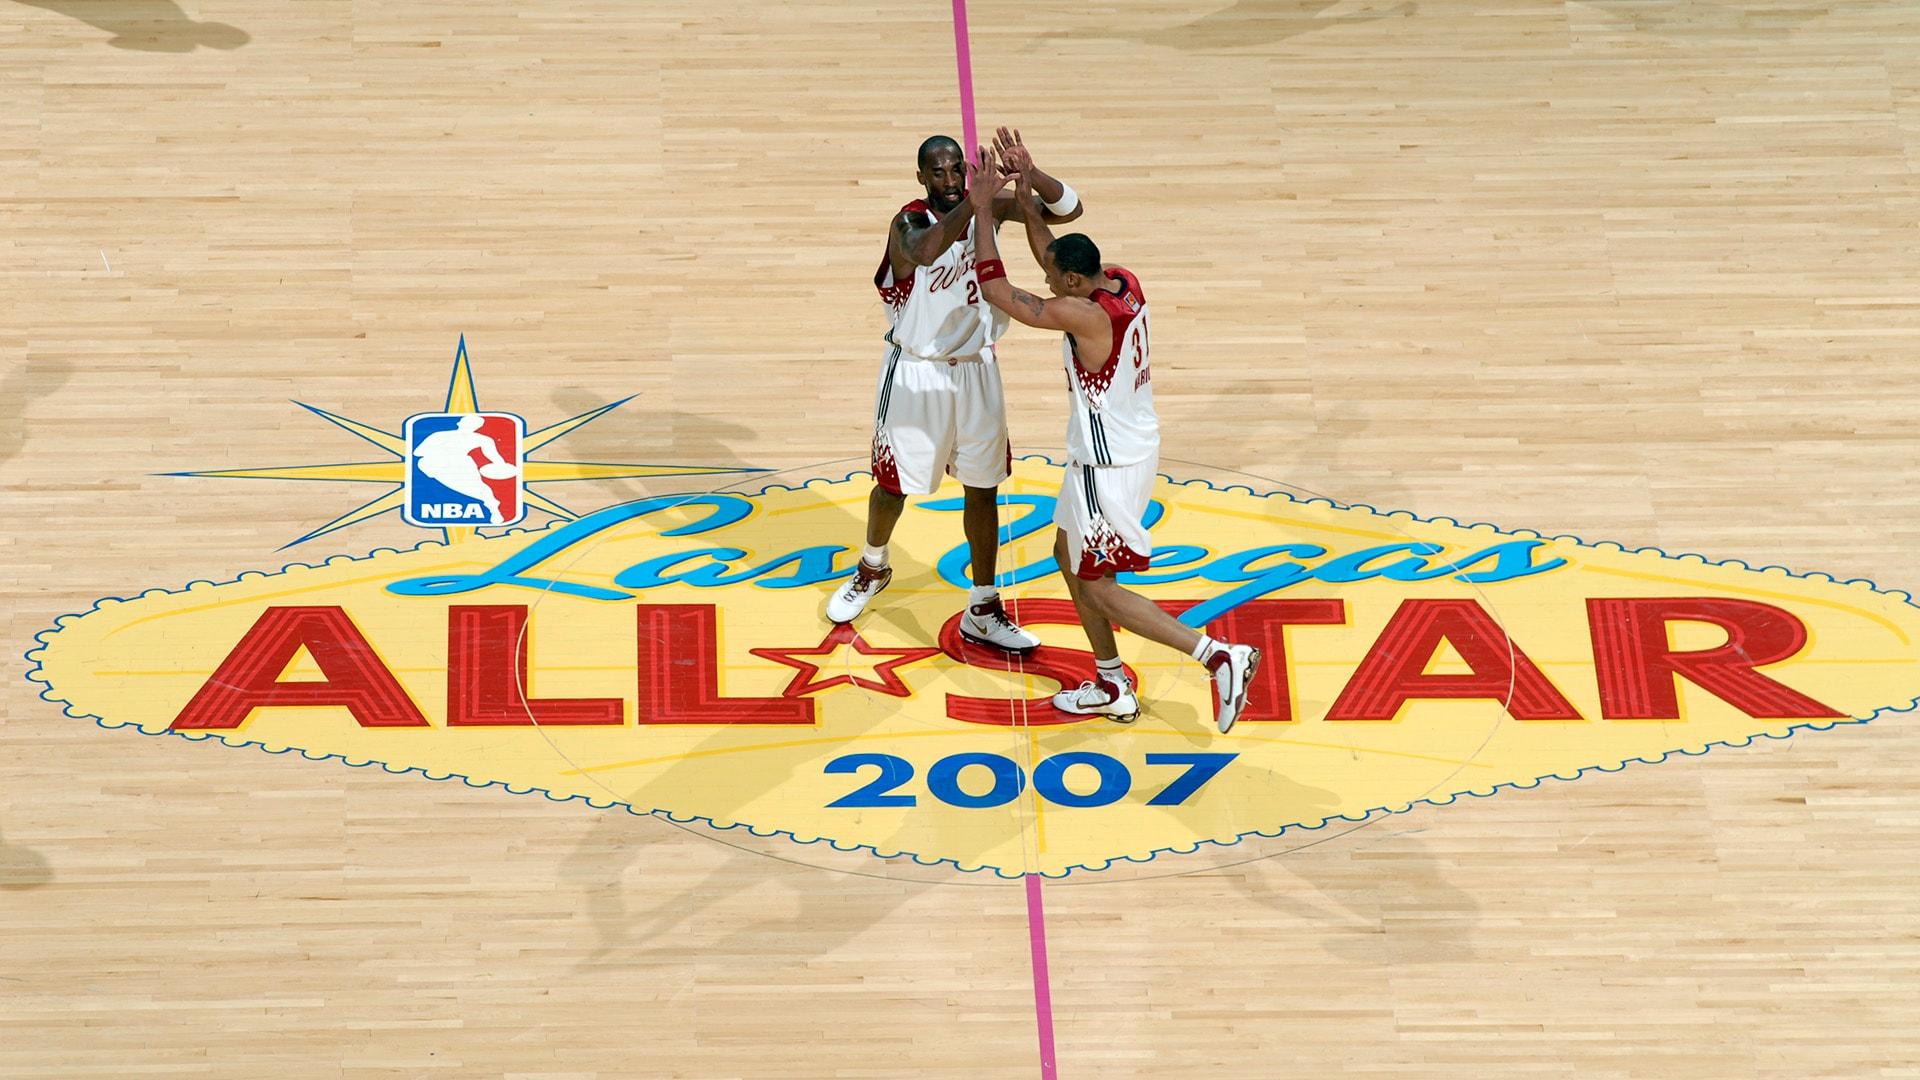 2007 NBA All-Star recap